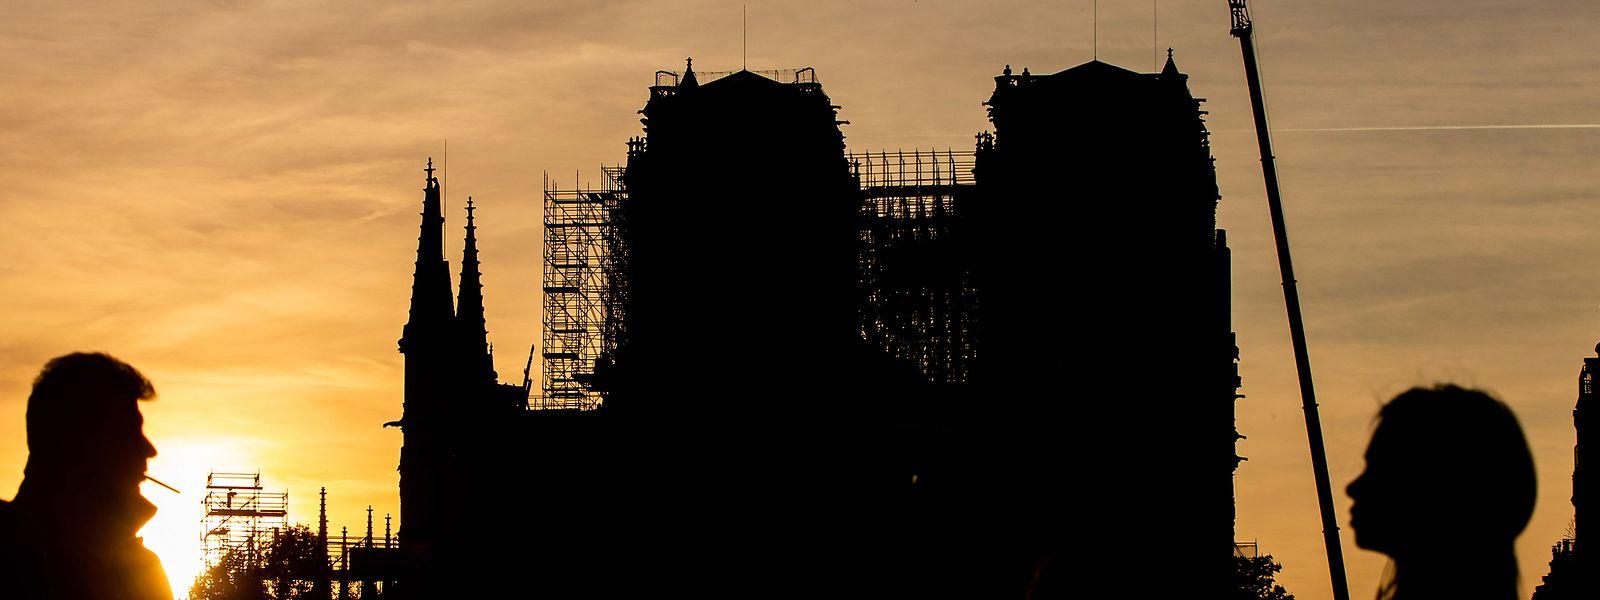 Seit dem Brand lehnen Baugerüste an der Notre-Dame Kathedrale in Paris.